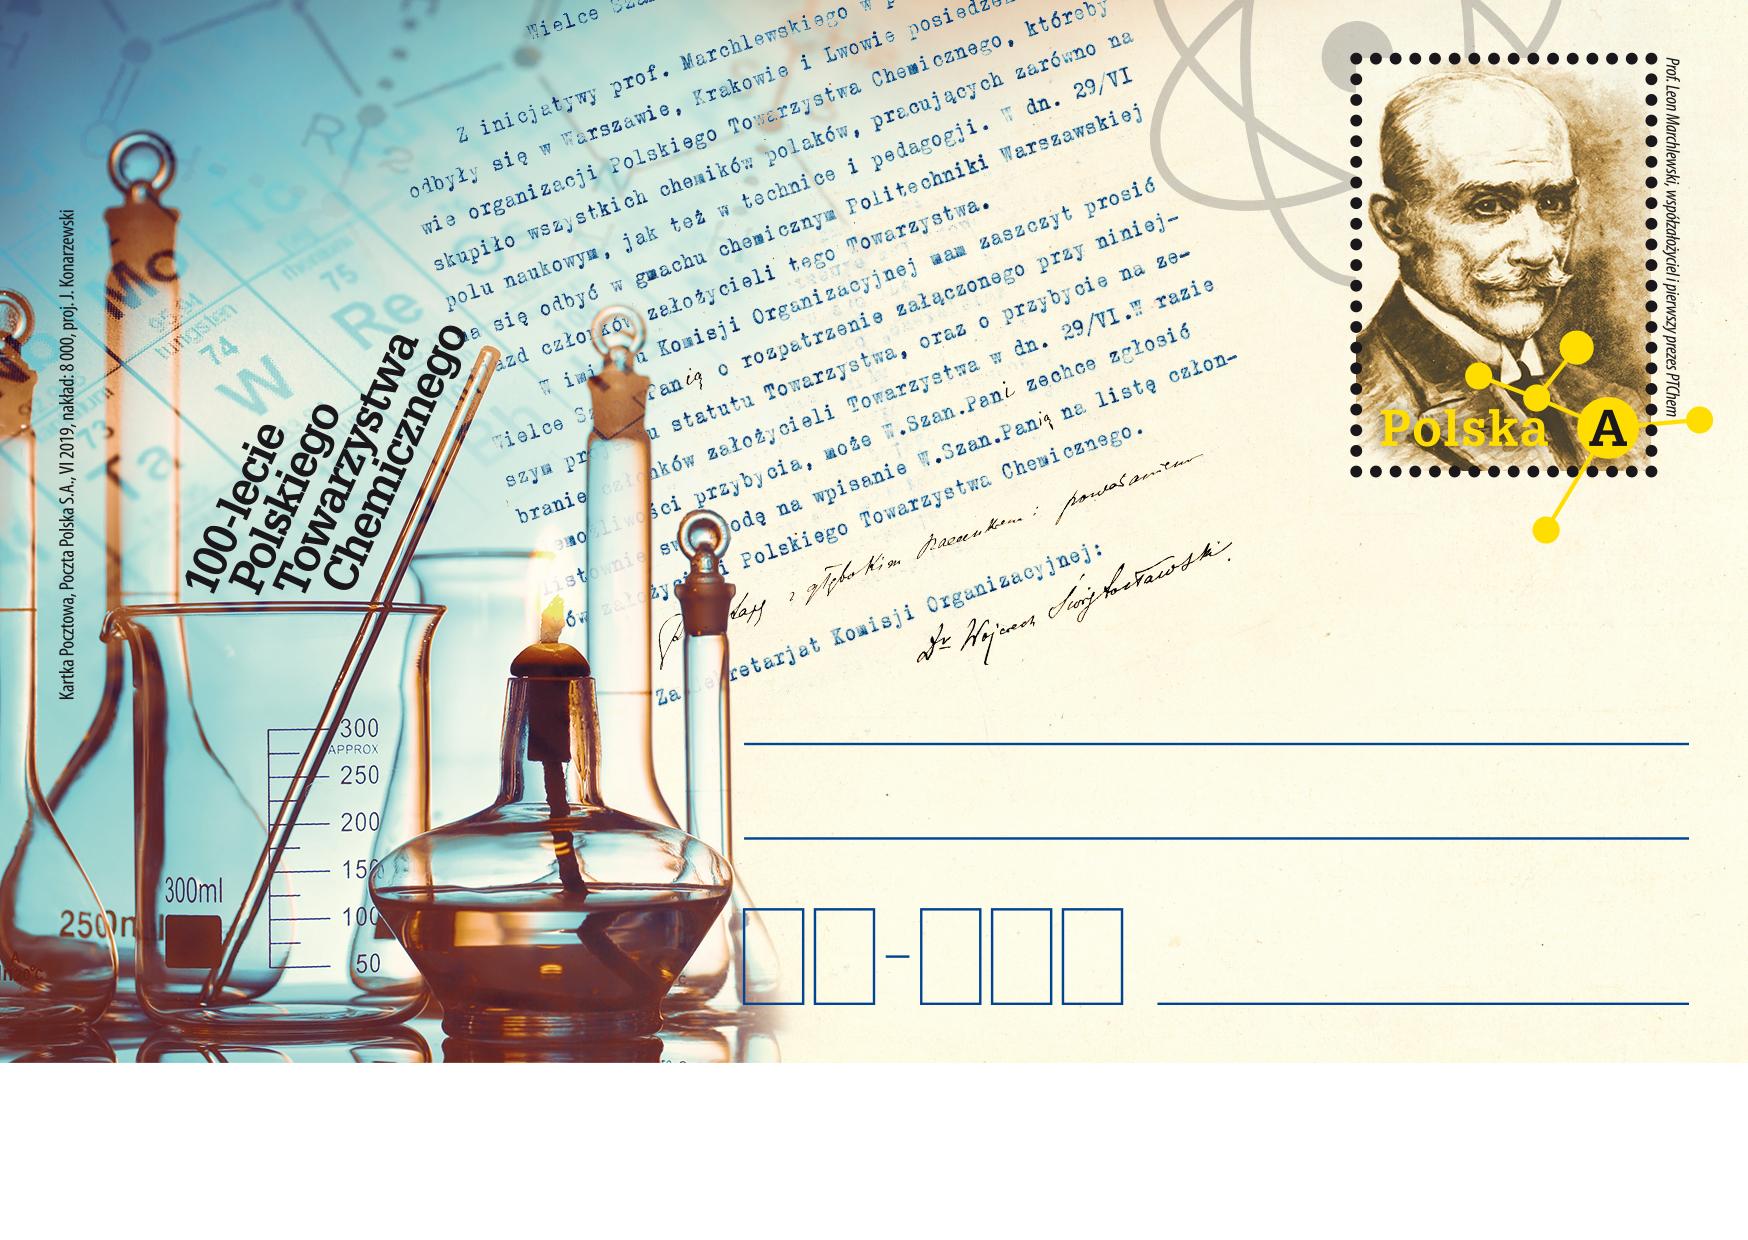 波兰6月29日发行波兰化学学会成立100周年邮资片